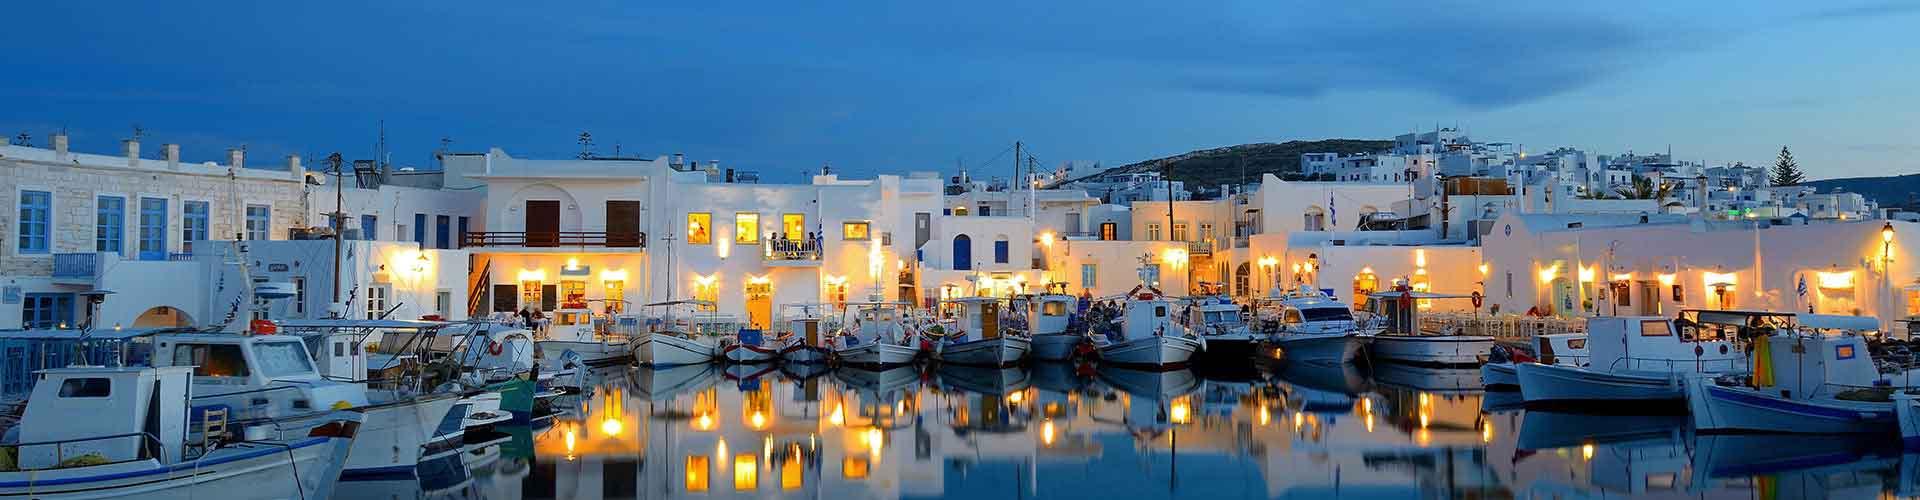 Paros - Appartments à Paros. Cartes pour Paros, photos et commentaires pour chaque appartement à Paros.